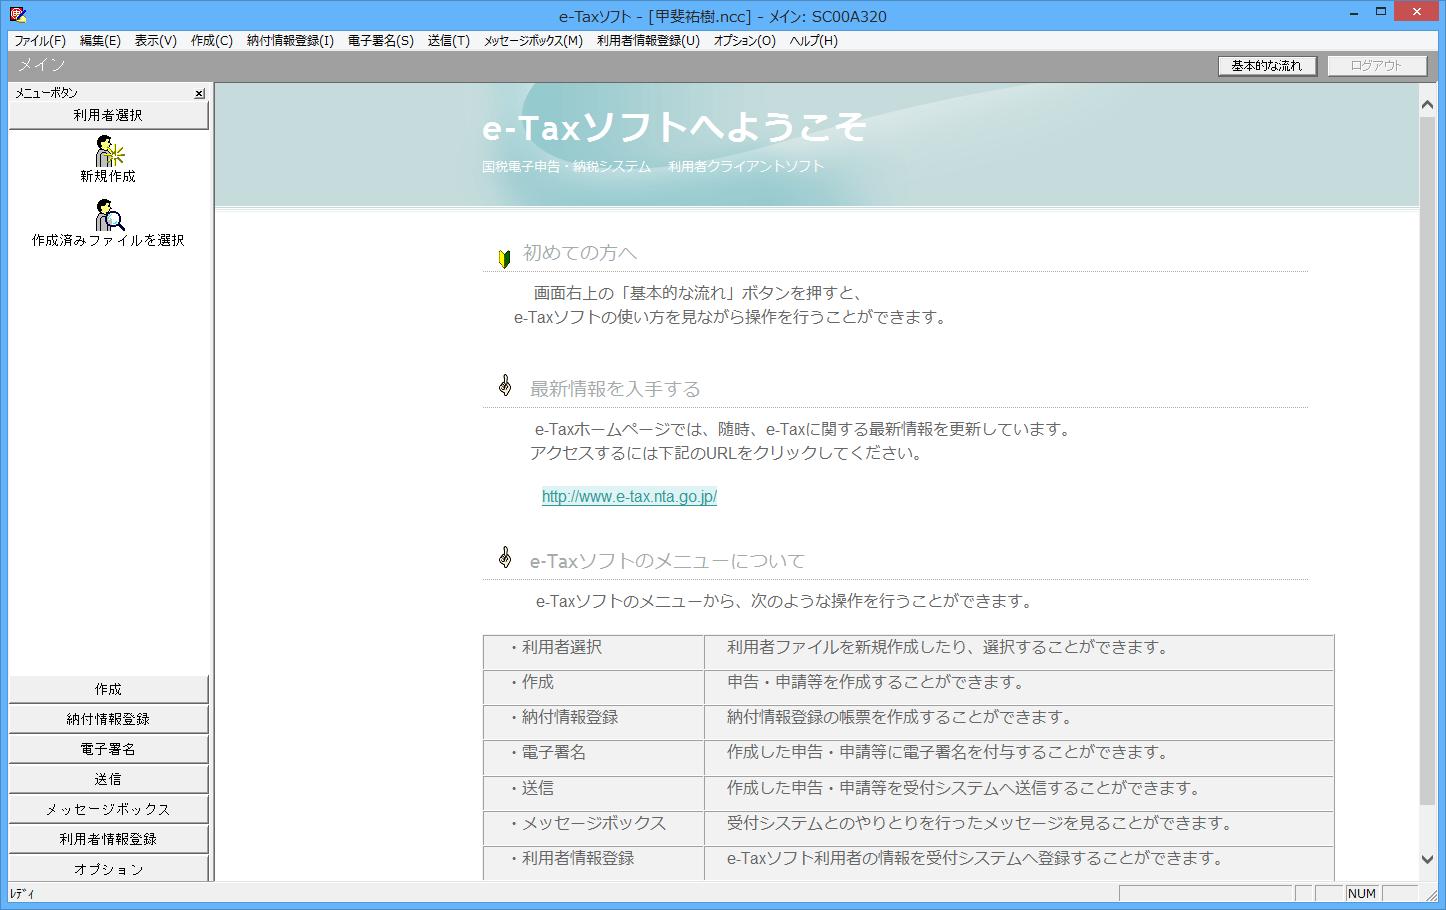 e-Taxソフトの画面